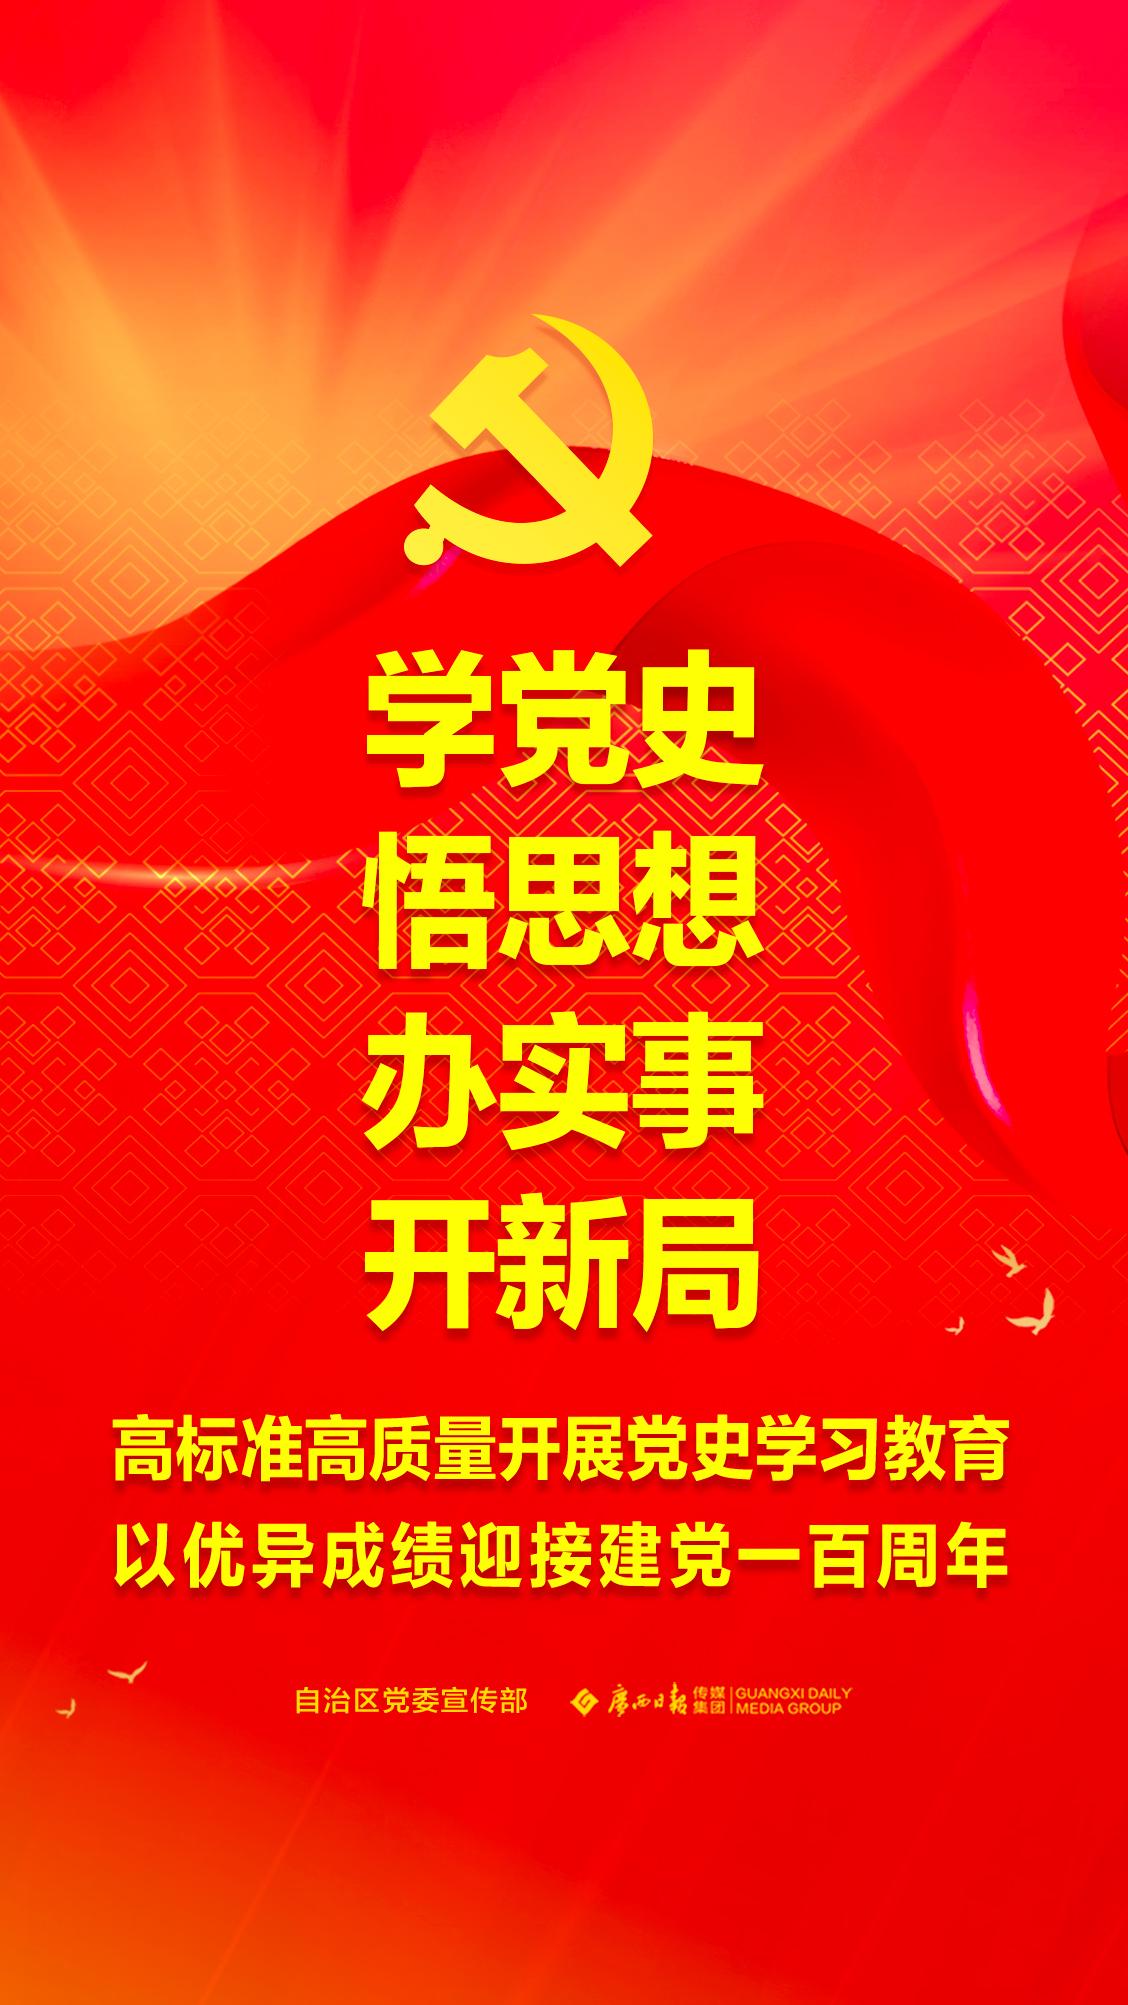 公益广告――学党史 悟思想 办实事 开新局